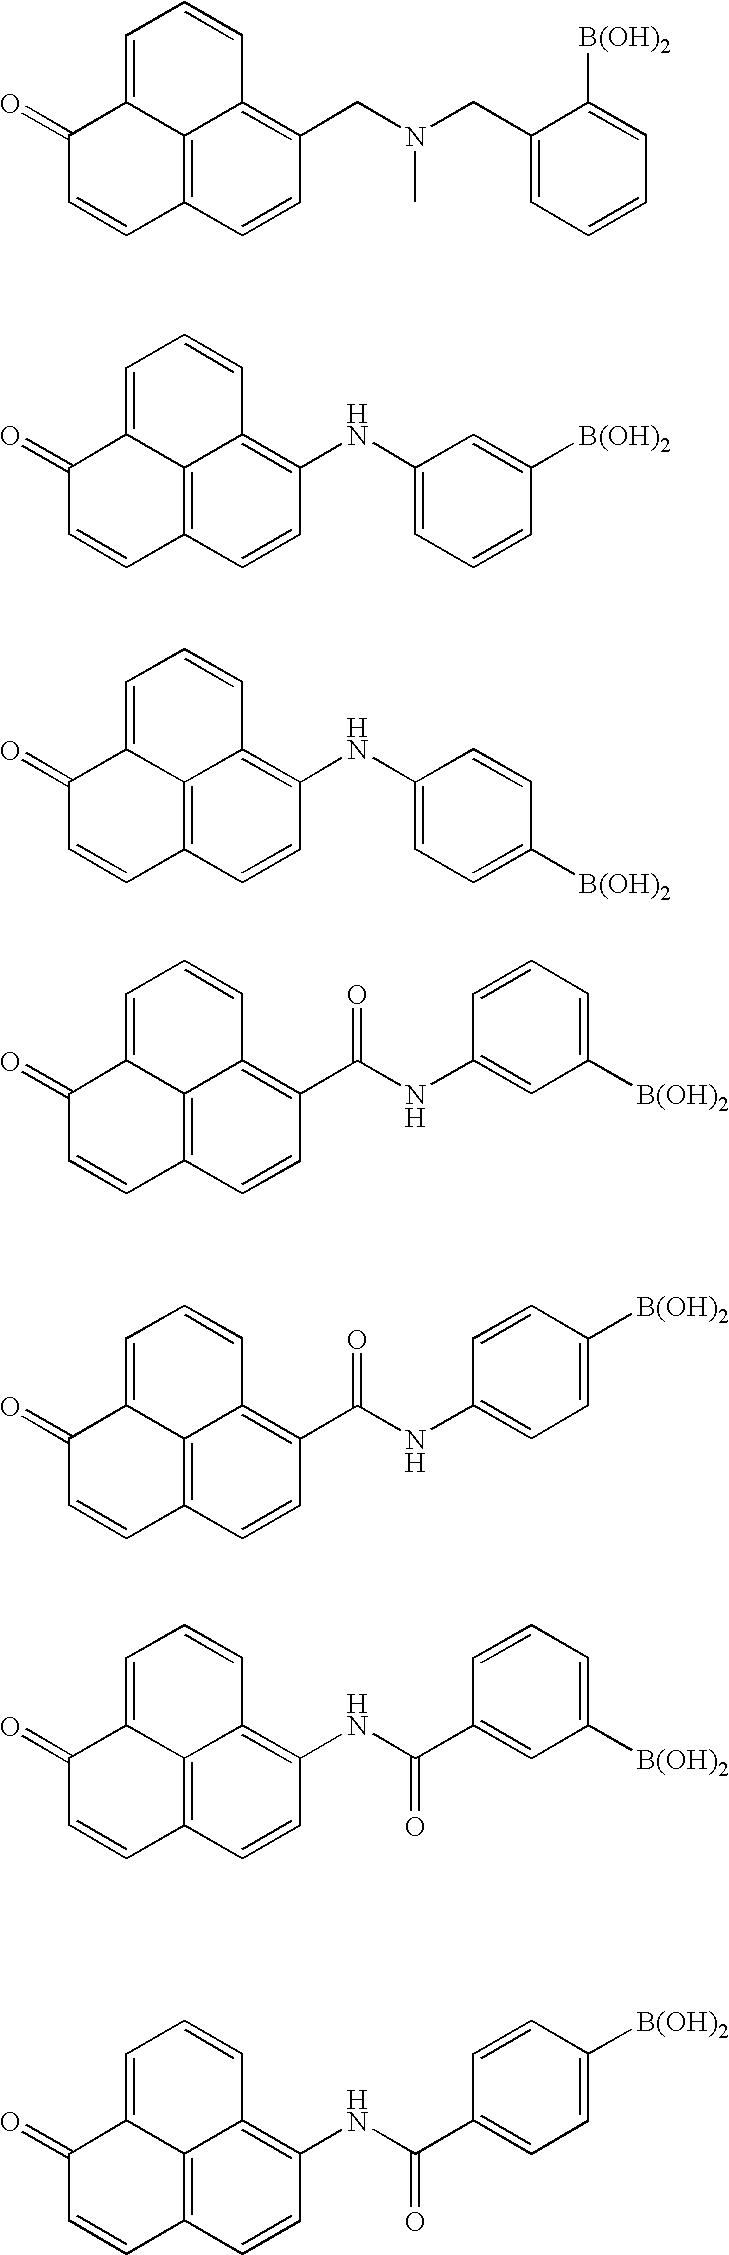 Figure US08008088-20110830-C00027